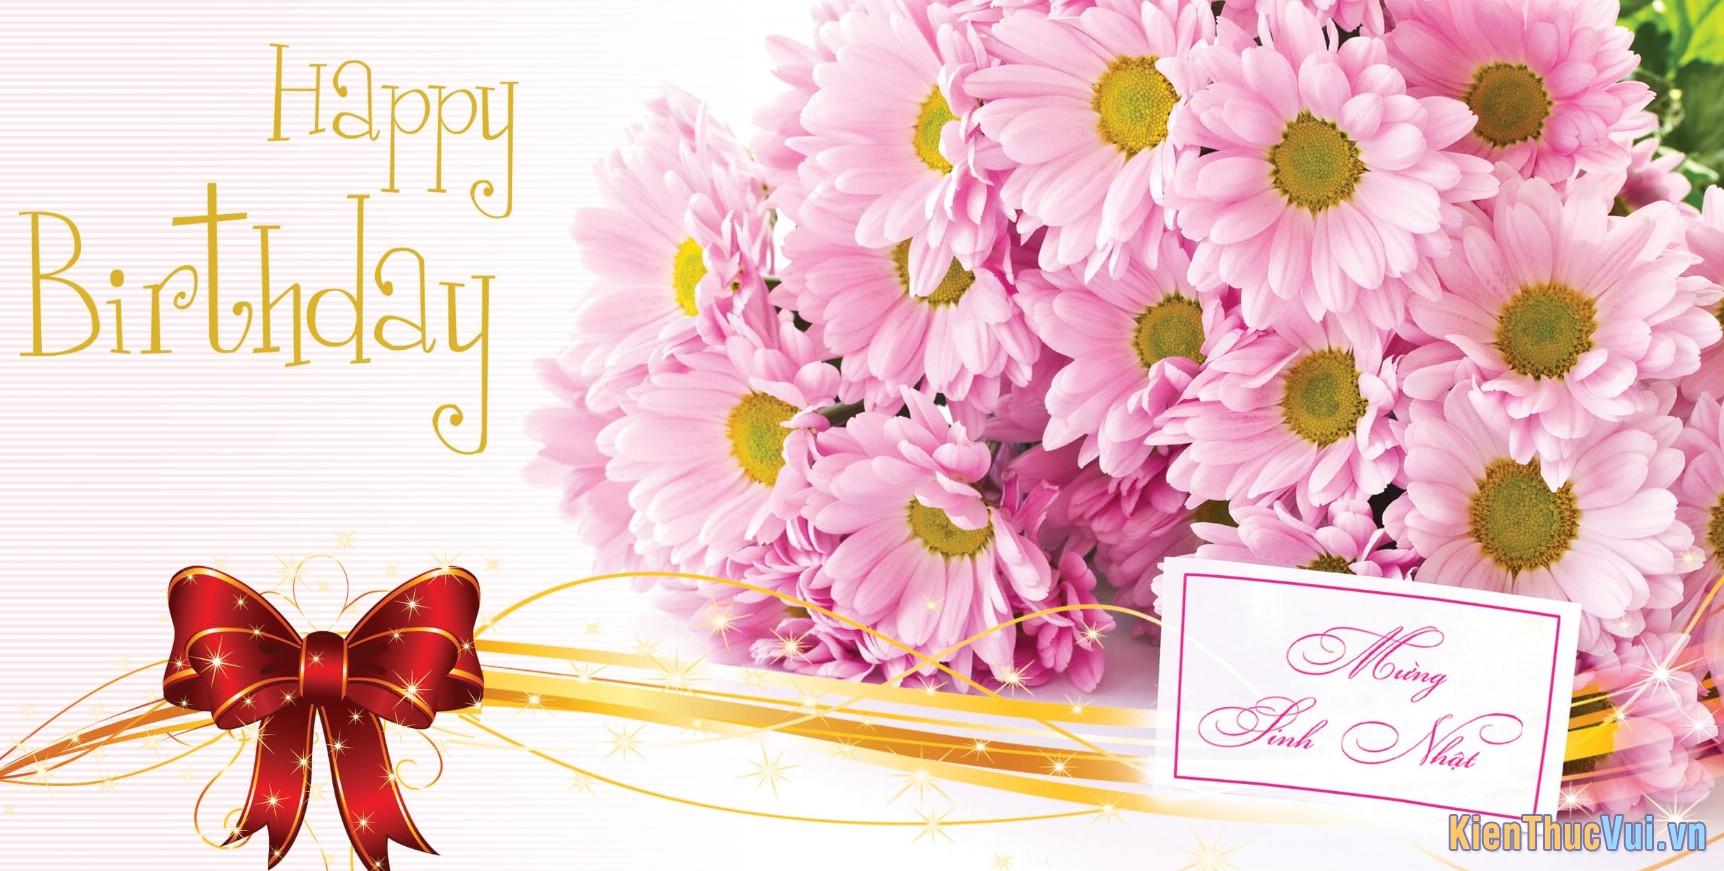 Chúc bạn Sinh nhật đầy áp yêu thương và tiếng cười